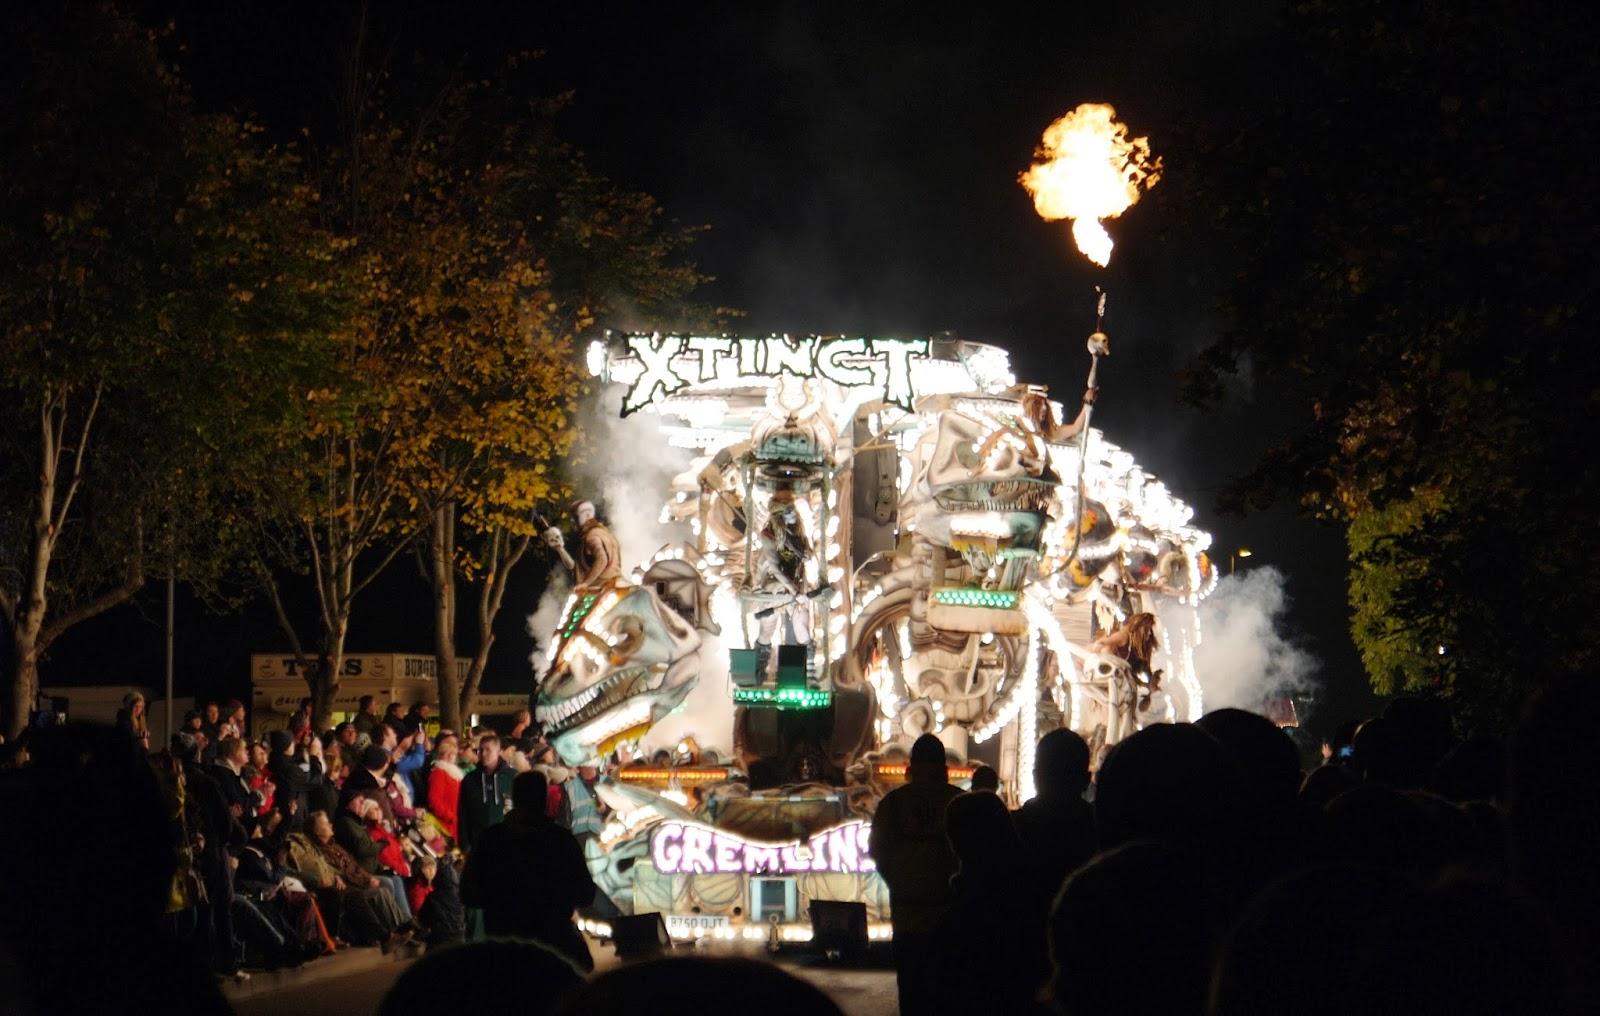 Glastonbury Carnival 2013